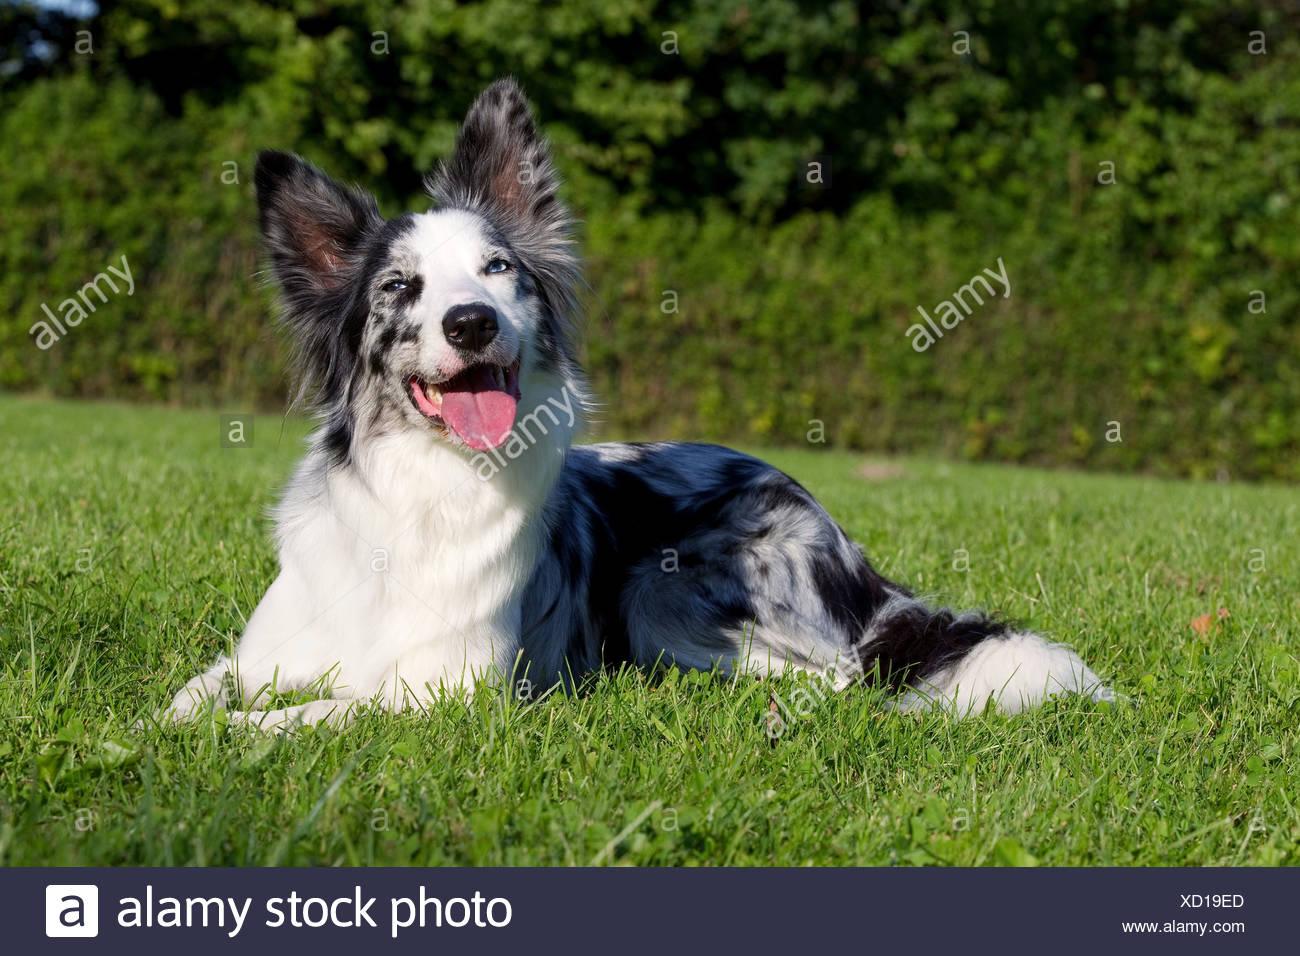 Hund auf dem Rasen liegend Stockbild